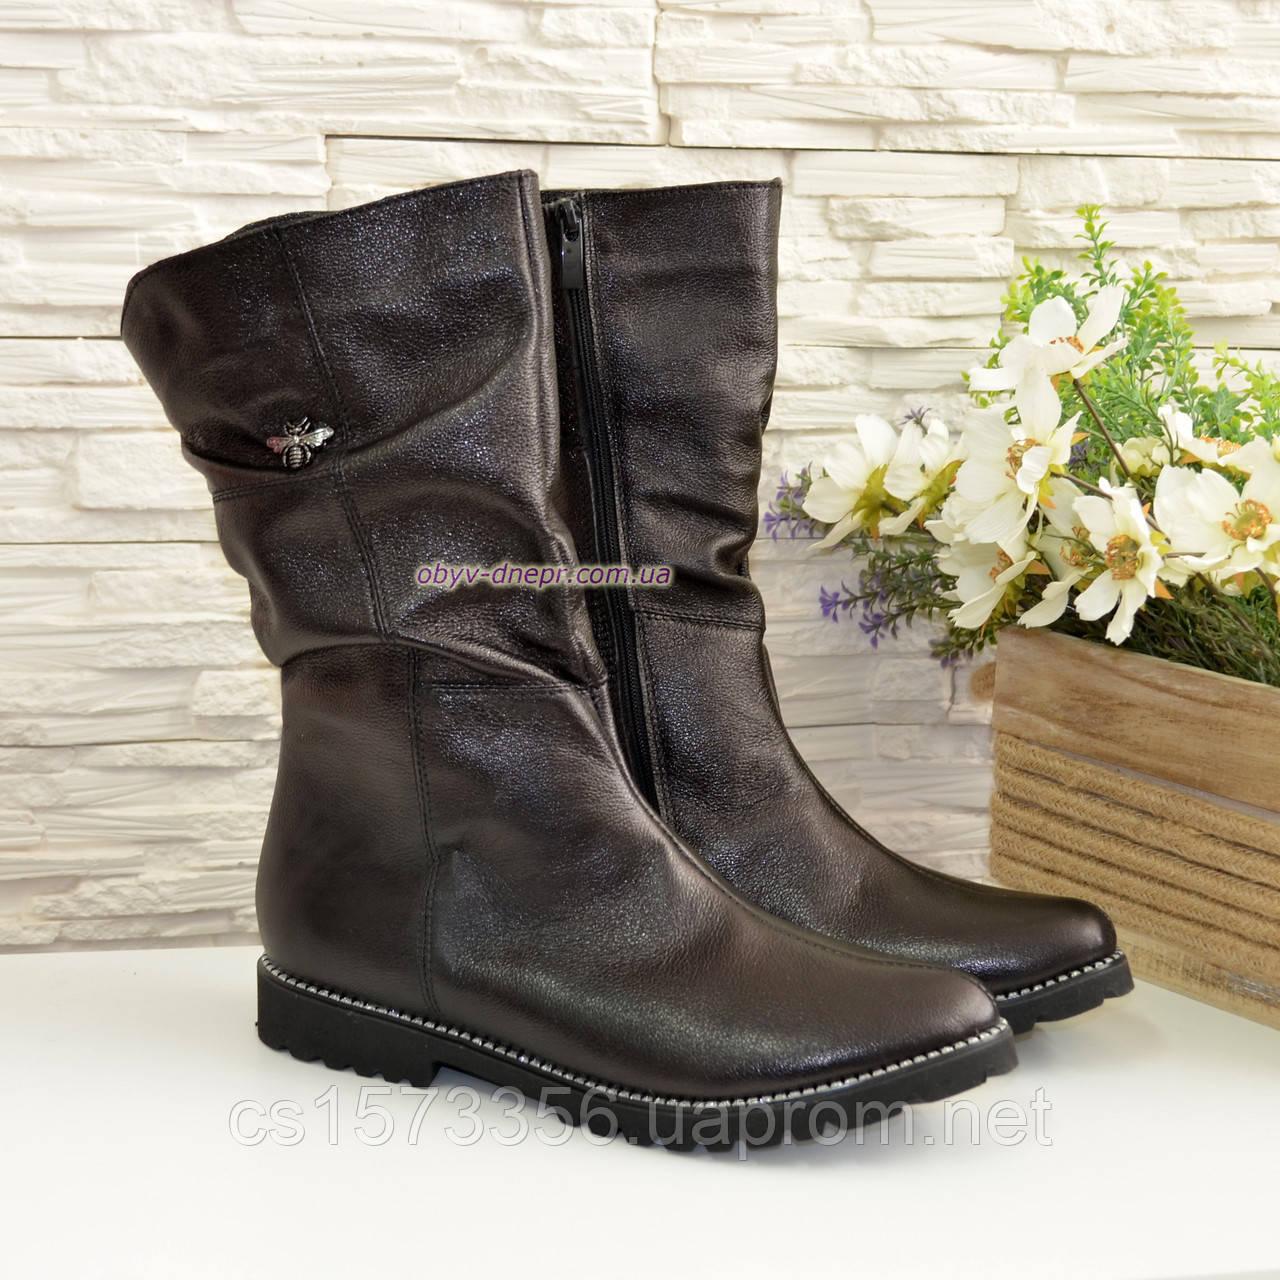 """Женские кожаные демисезонные ботинки на байке от производителя  ТМ """"Maestro"""""""